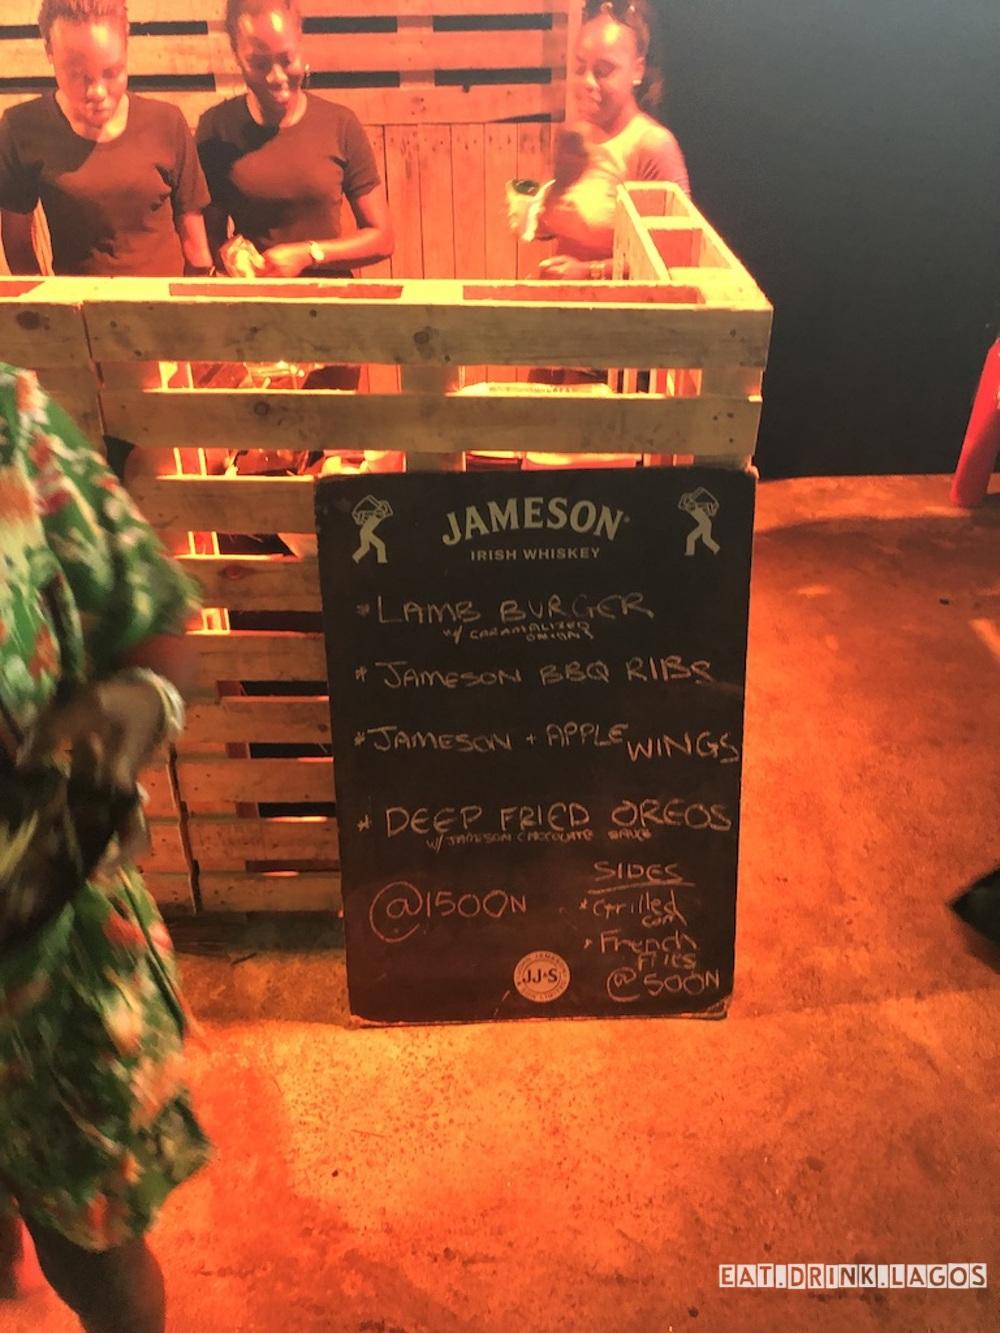 The AJs menu